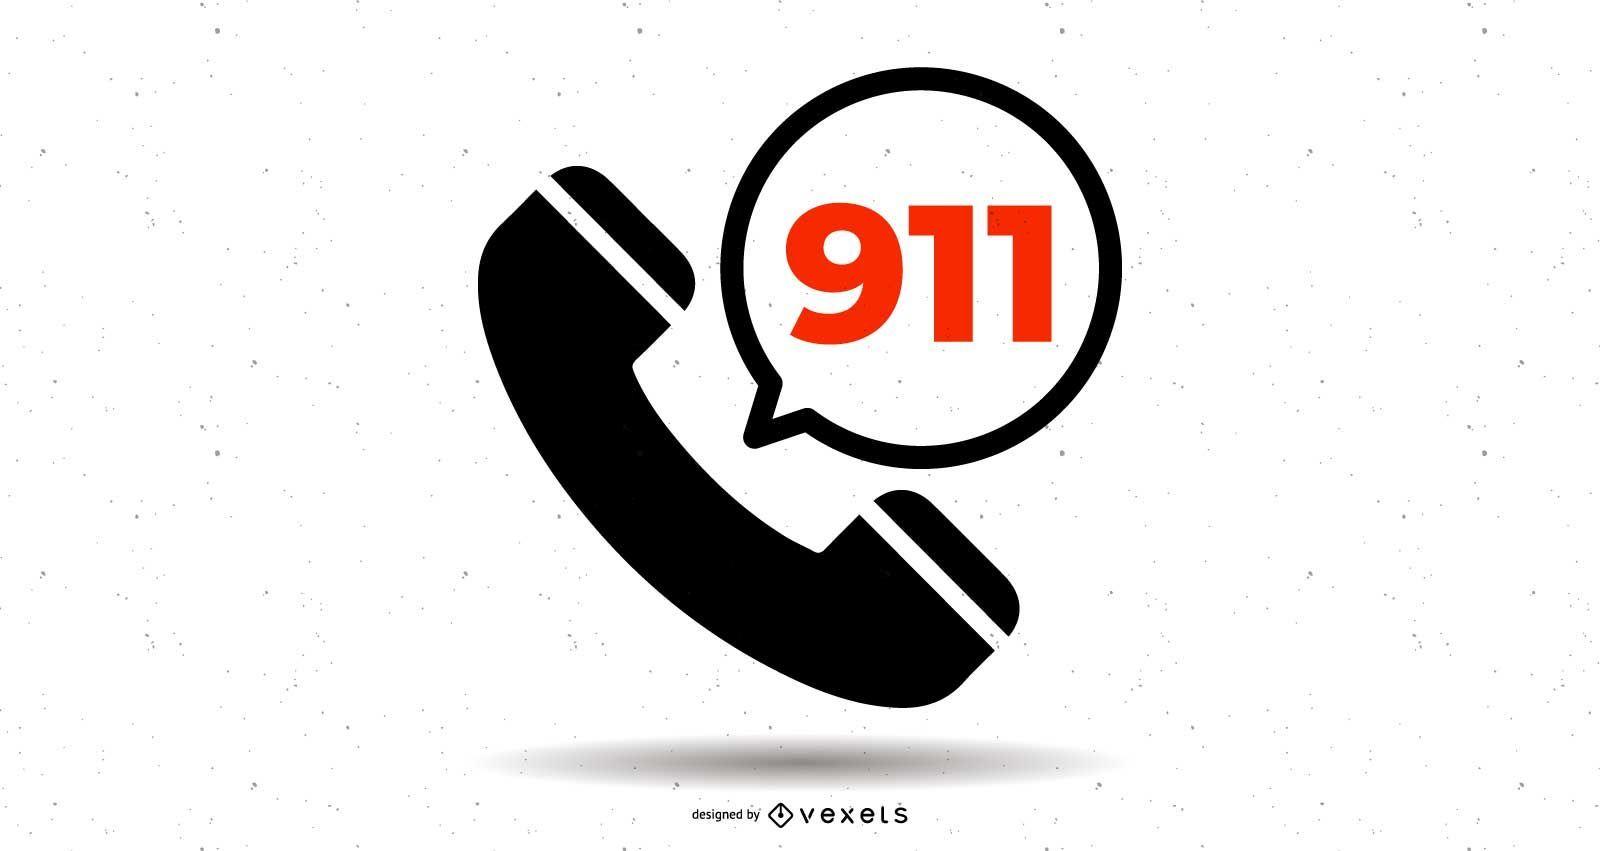 Símbolo de la línea directa del teléfono 911